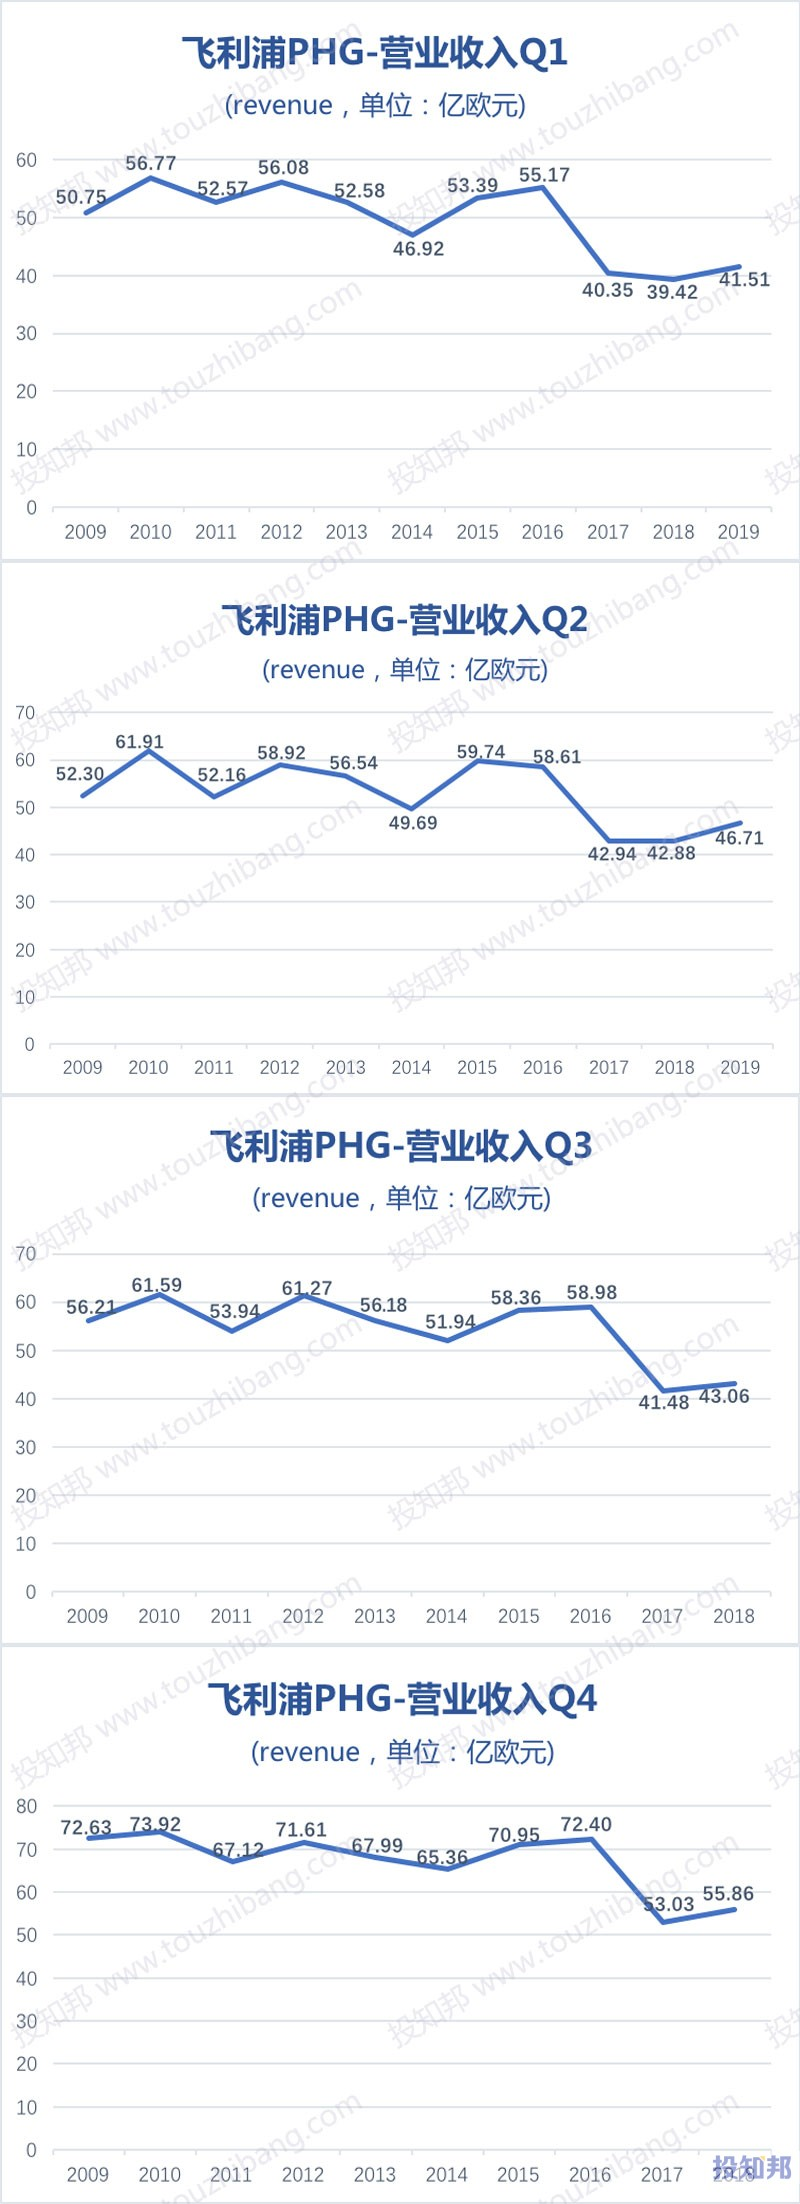 图解飞利浦(PHG)财报数据(2009年~2019年Q2)